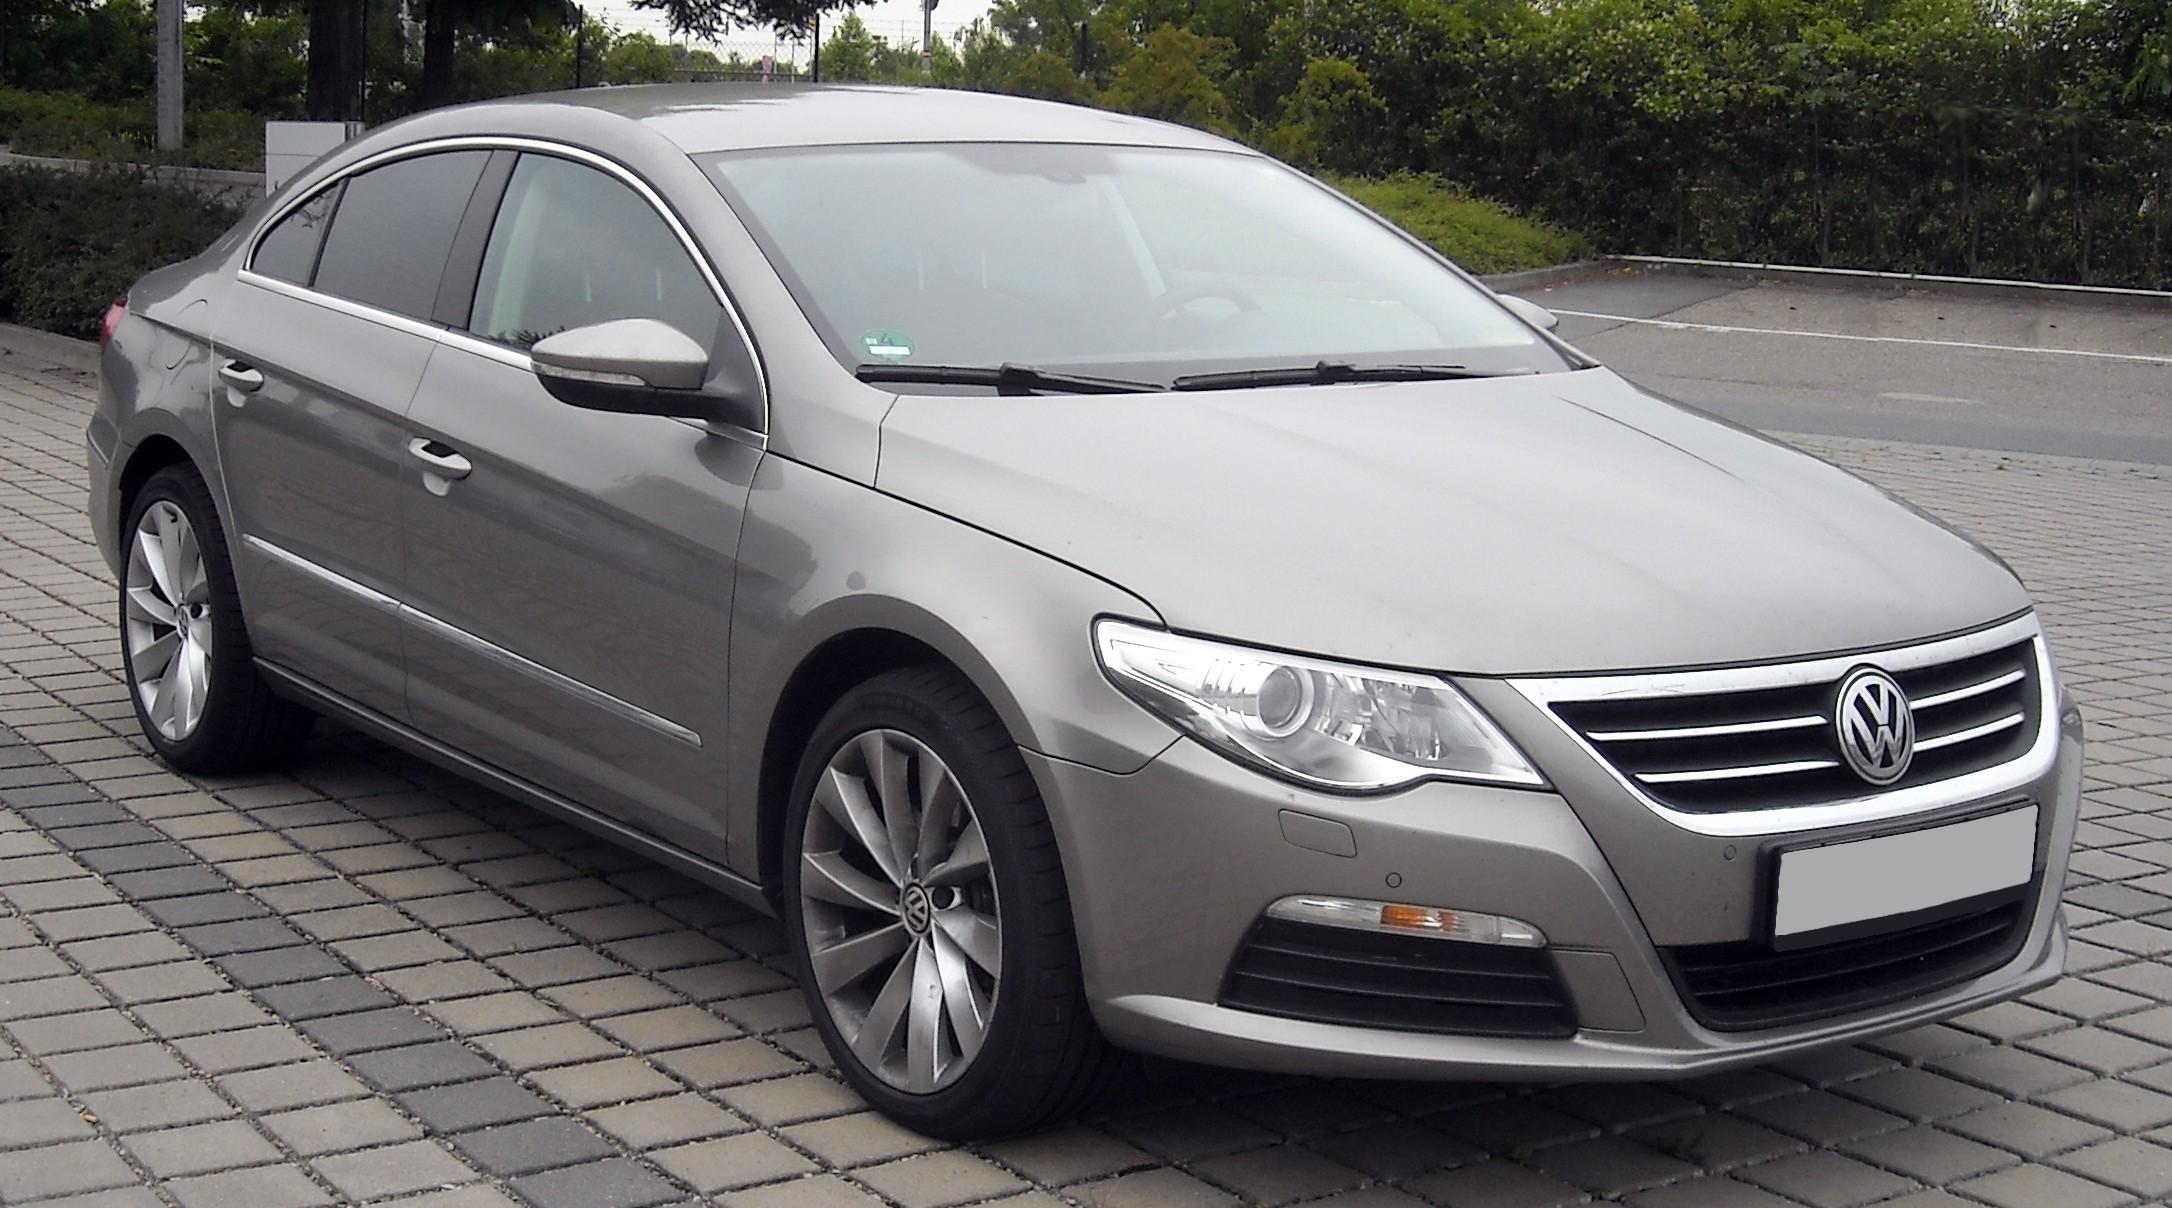 File:VW Passat CC front 20090608.jpg